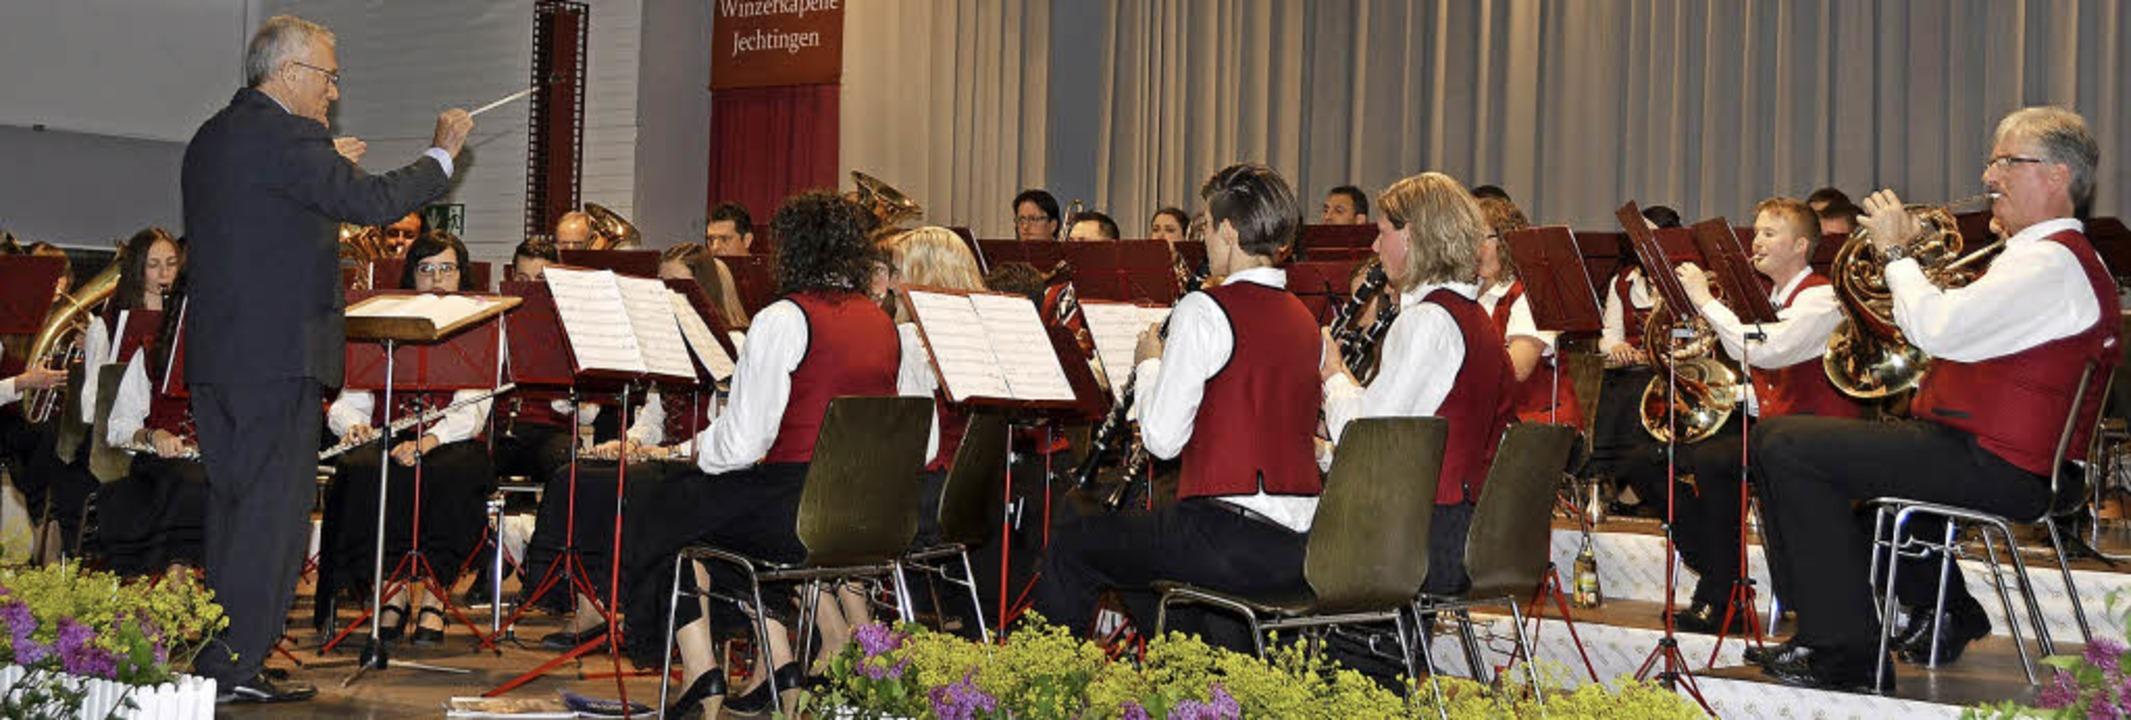 Sasbach. Die Winzerkapelle beim Bühnenauftritt.    Foto: Roland Vitt